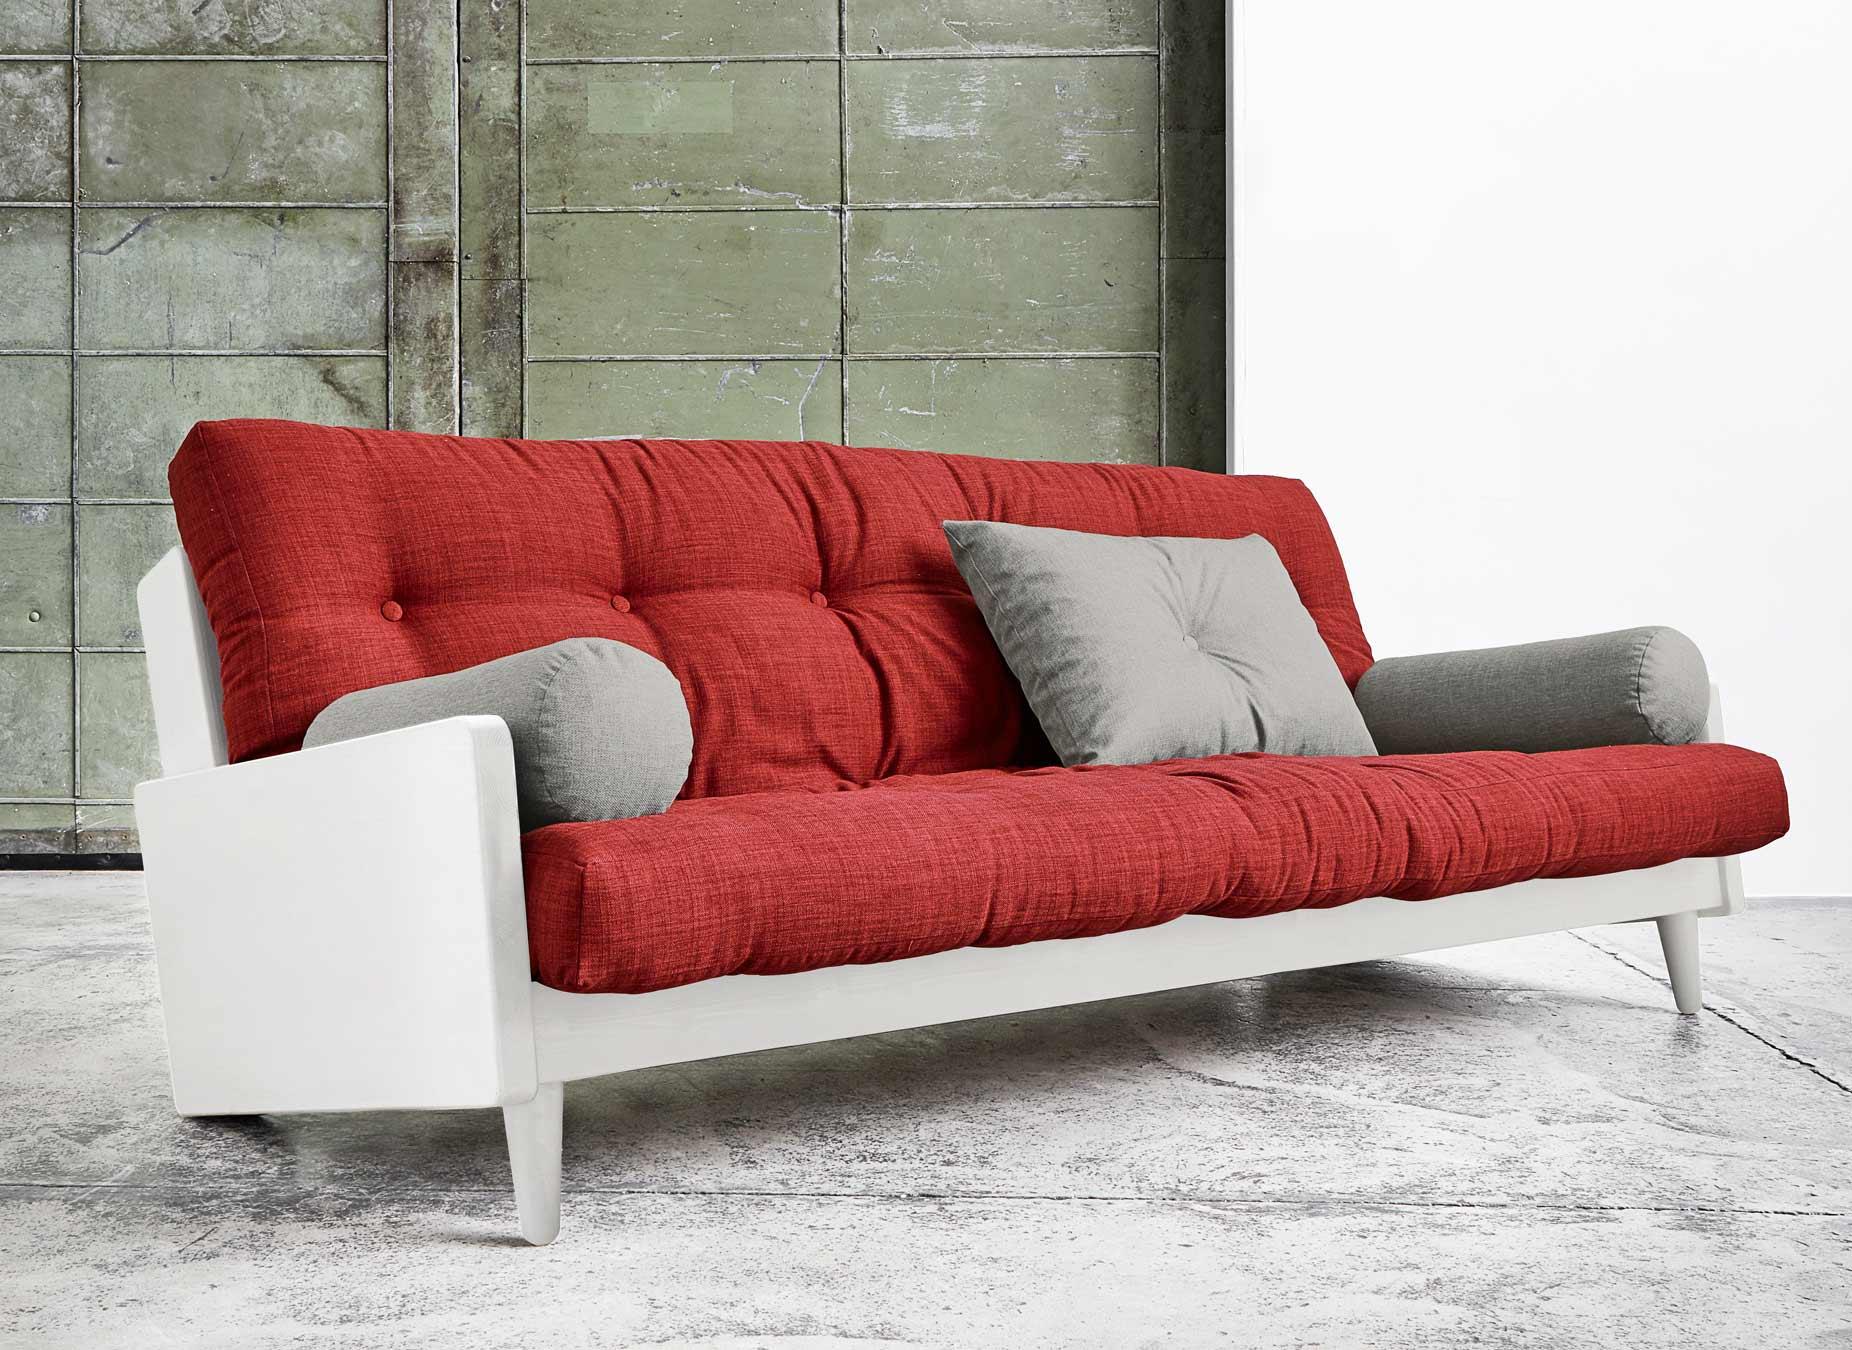 bettsofa indie design sofa kiefer wei mit klappbarer r ckenlehne. Black Bedroom Furniture Sets. Home Design Ideas